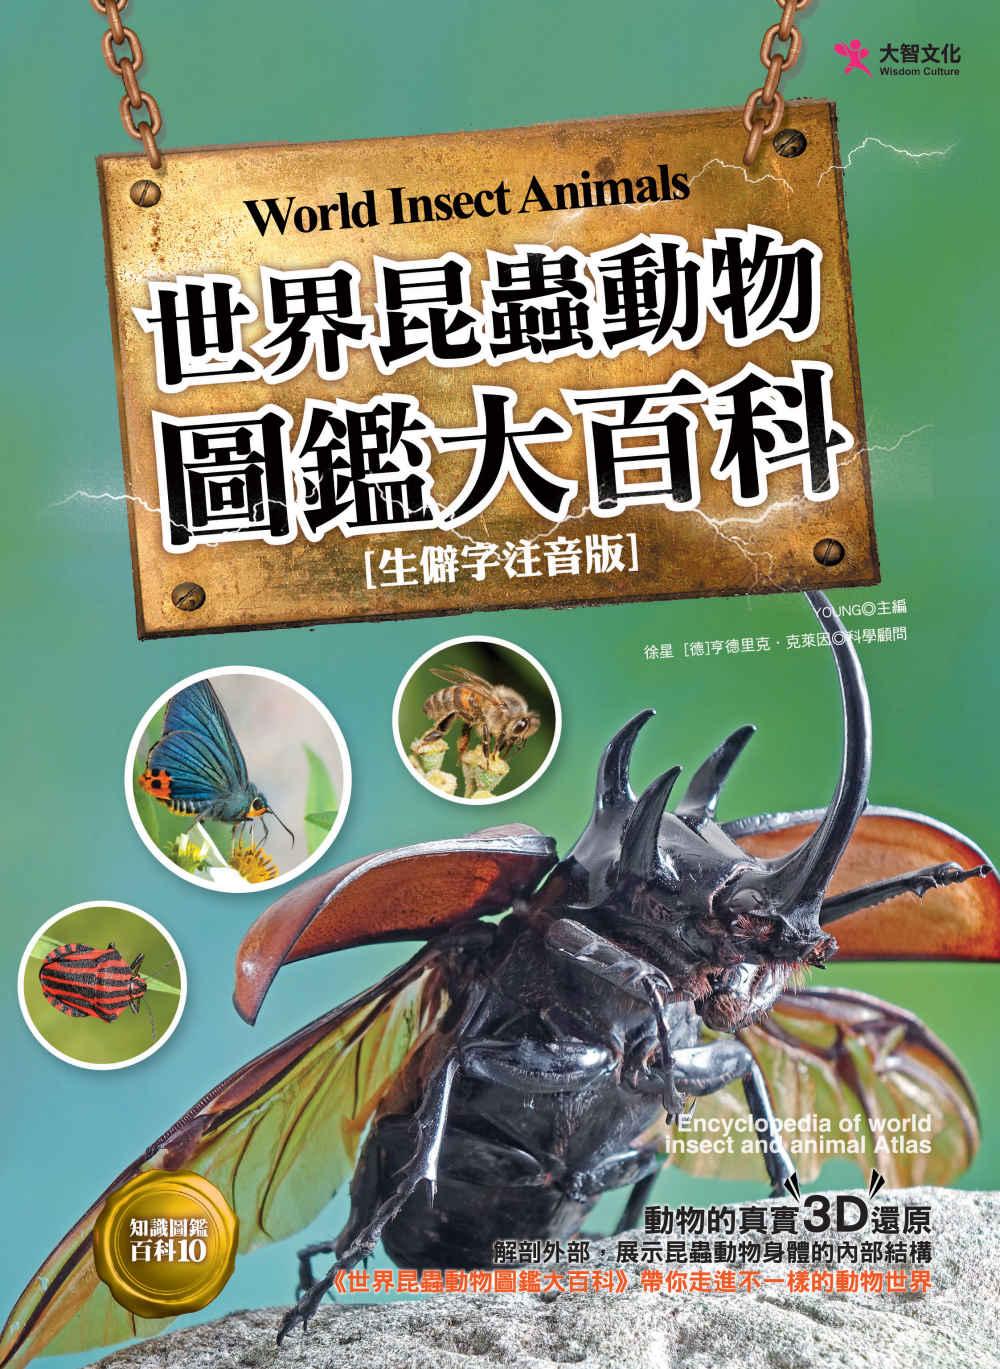 世界昆蟲動物圖鑑大百科